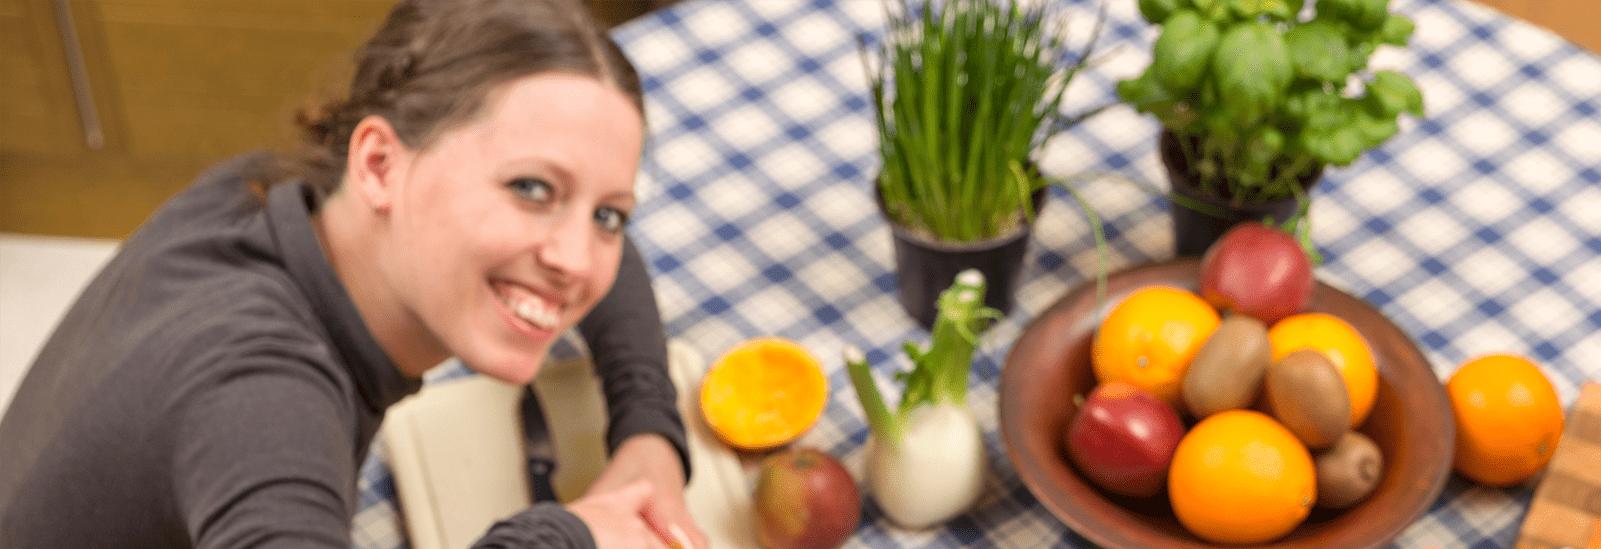 Dieet Lecluyse - online afvallen